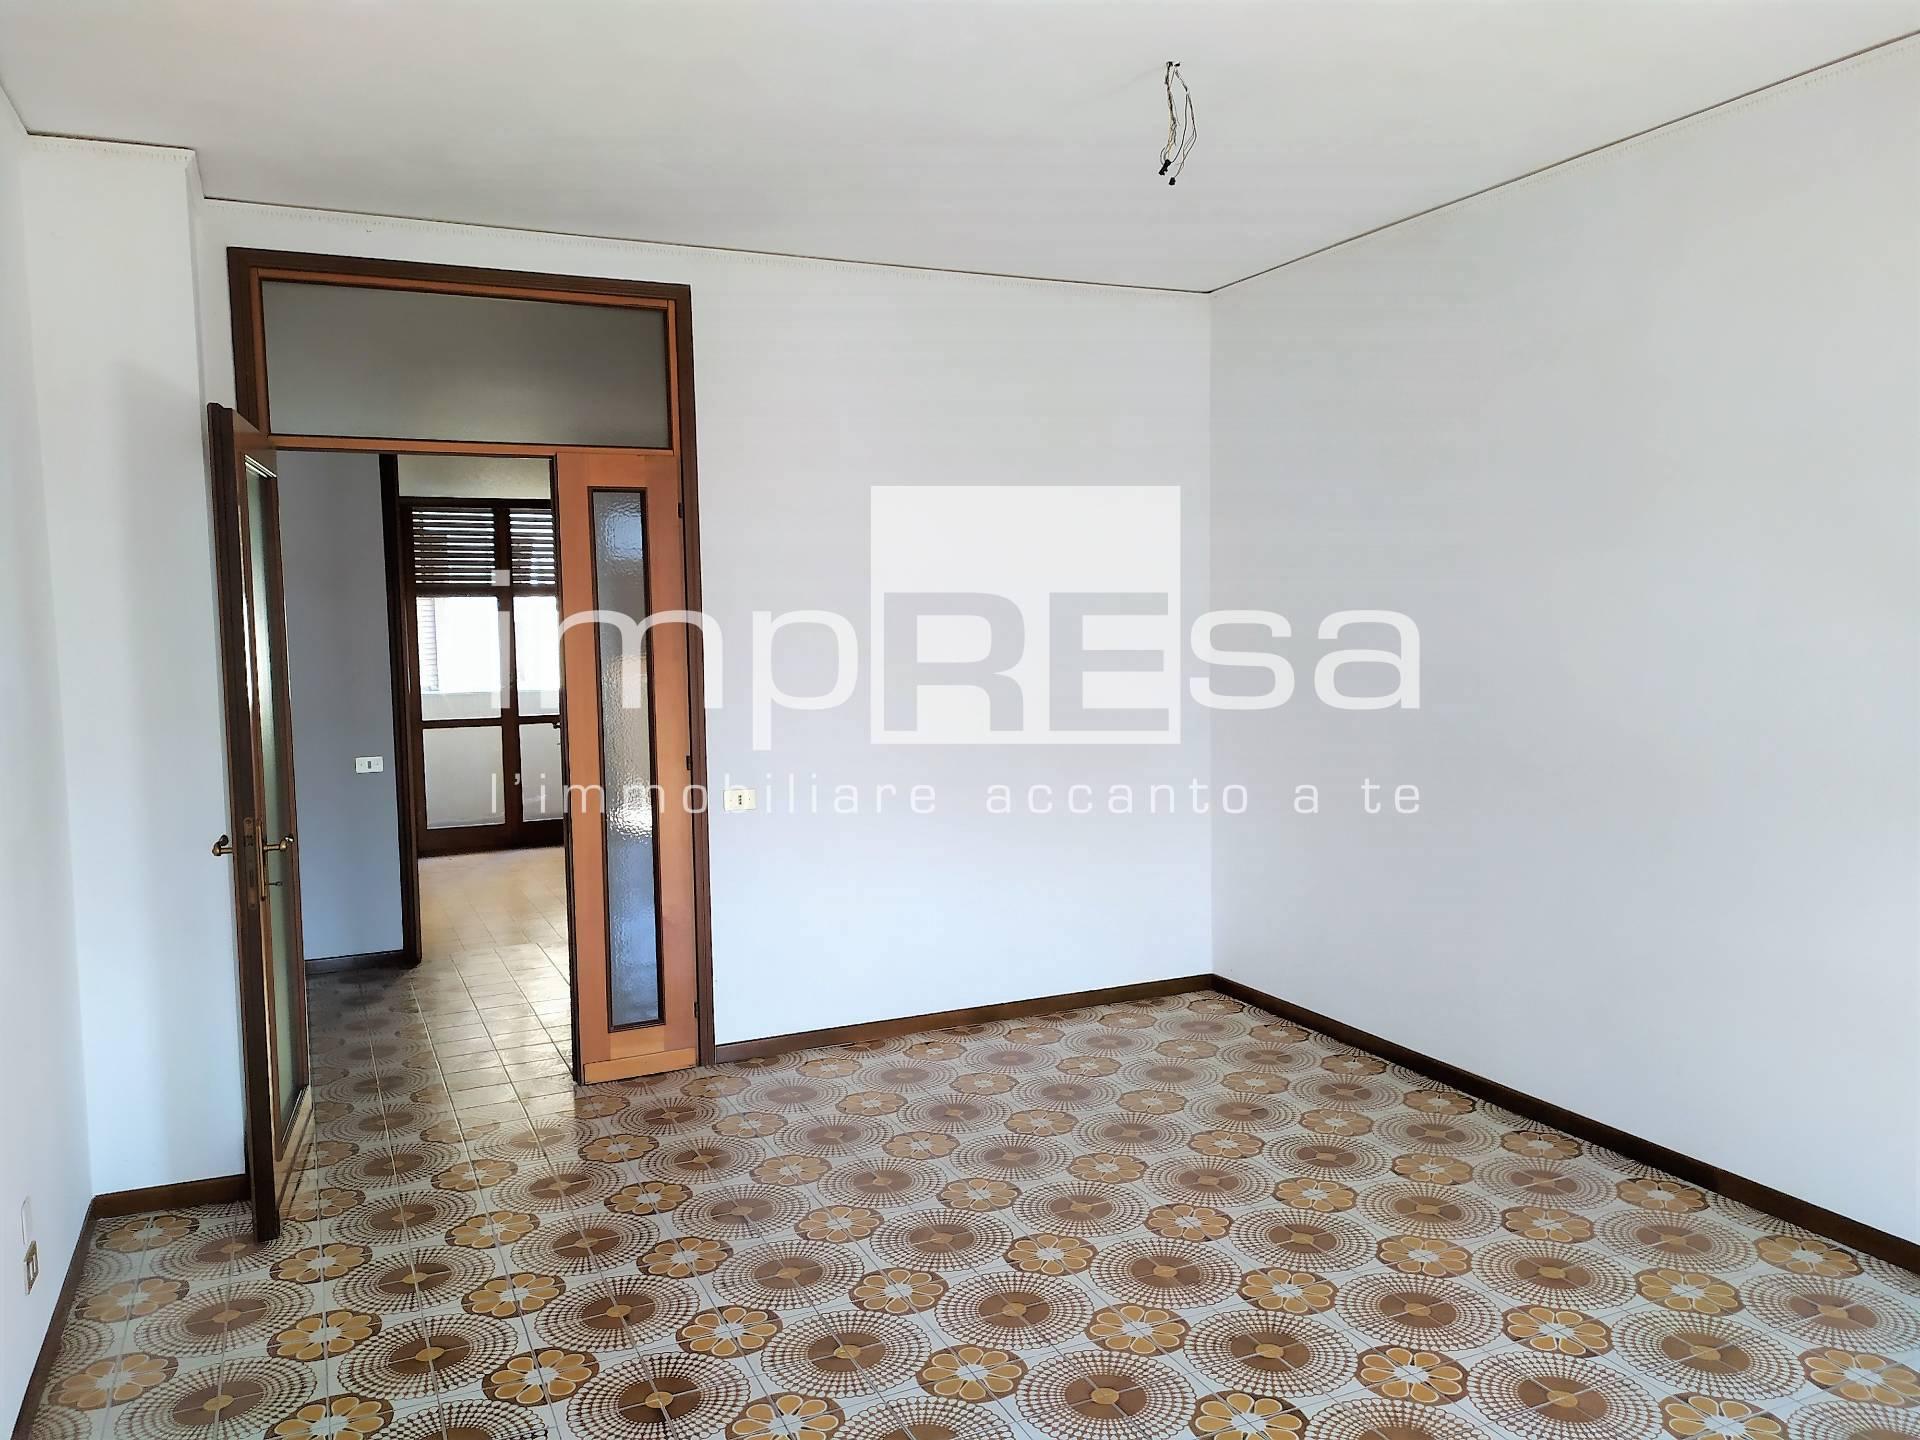 Appartamento in vendita a Conegliano, 6 locali, prezzo € 100.000   CambioCasa.it